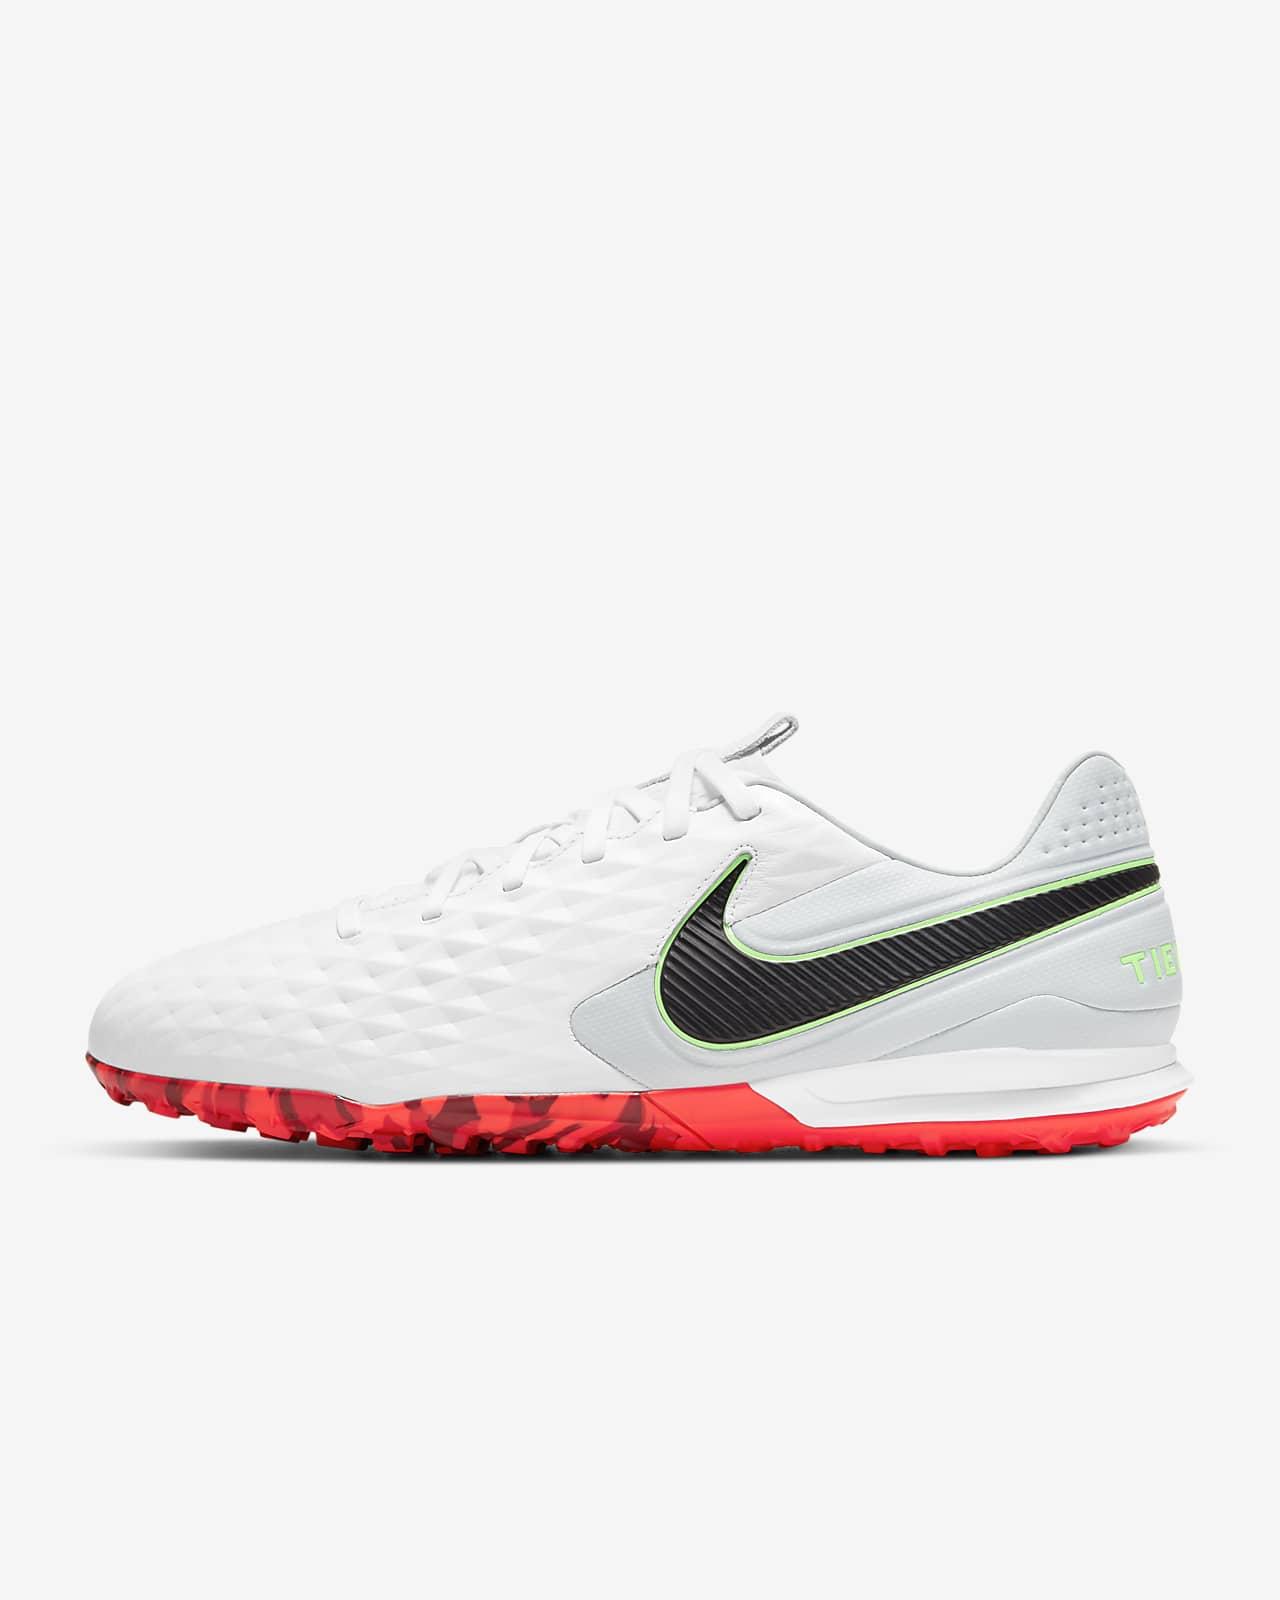 Nike Tiempo Legend 8 Pro TF Botas de fútbol para hierba artificial o moqueta - Turf